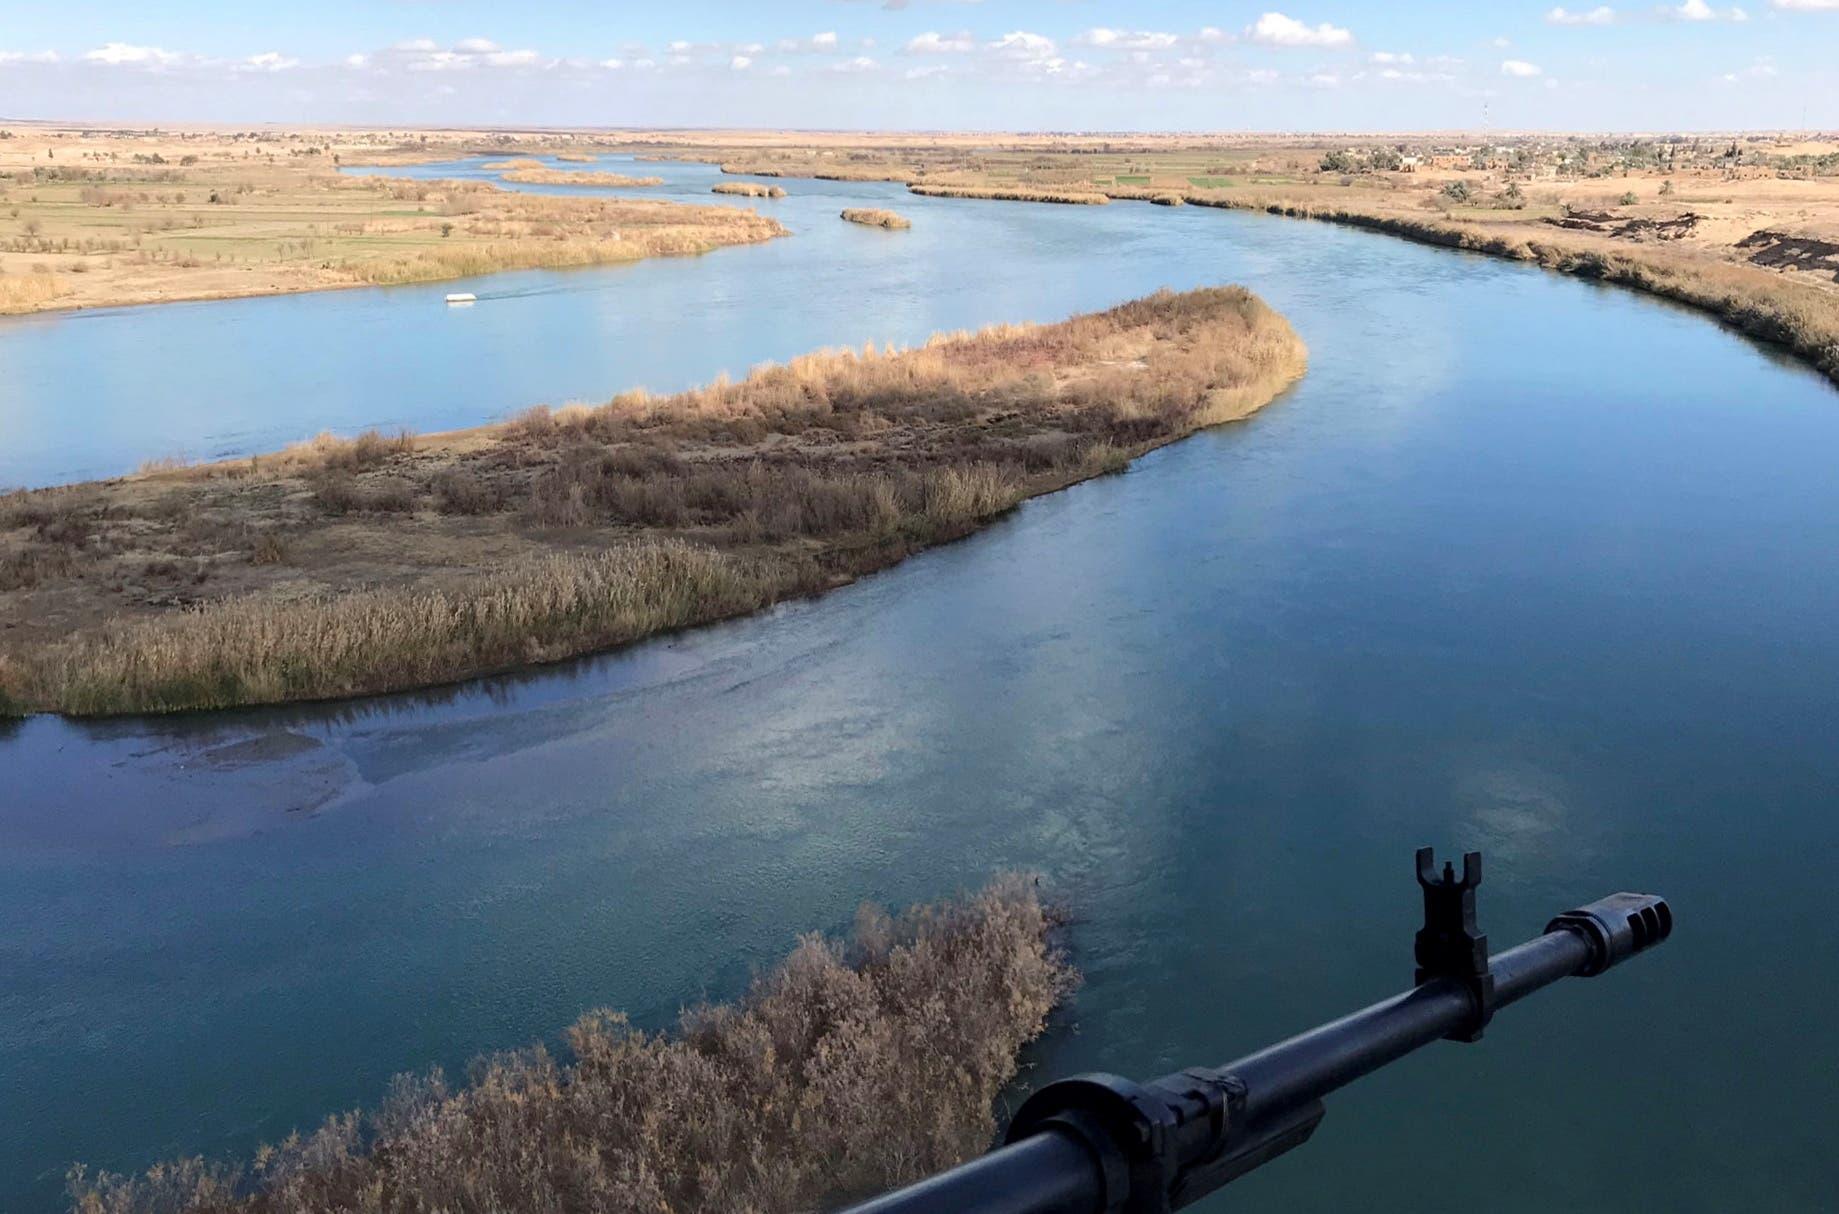 نهر الفرات في منطقة القائم الحدودية بين العراق وسوريا